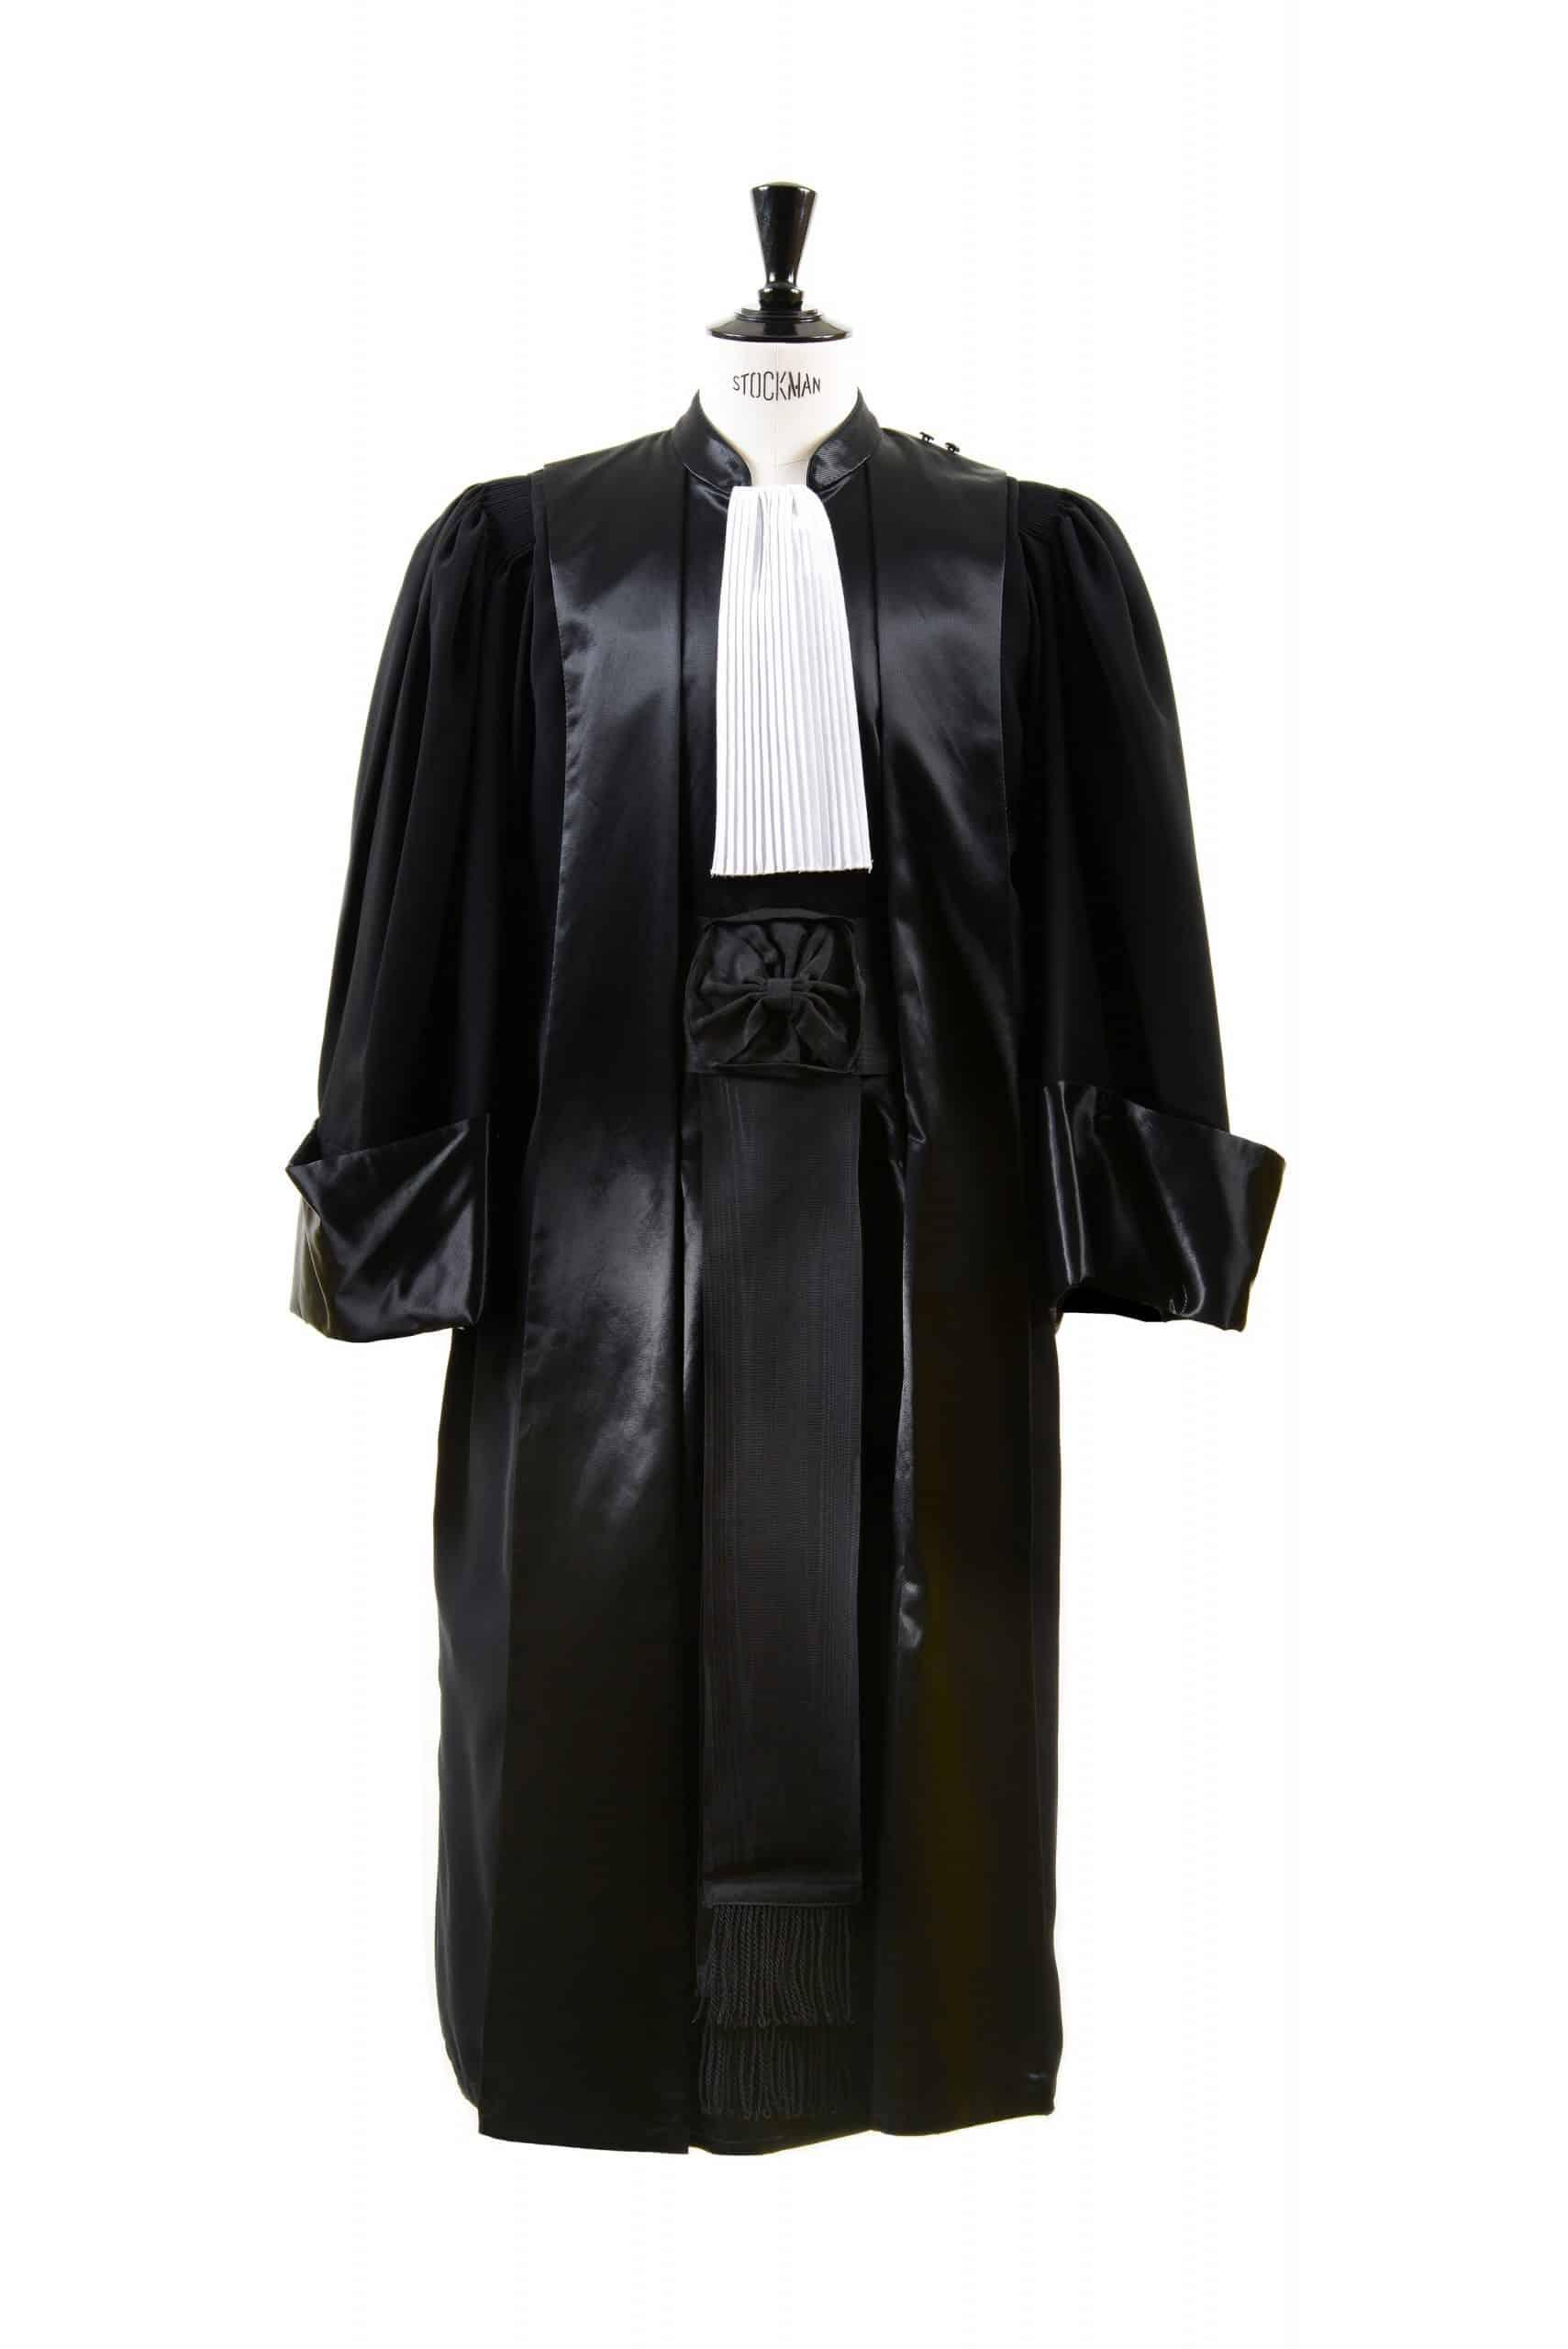 avocat principii profesie exercitare abuz